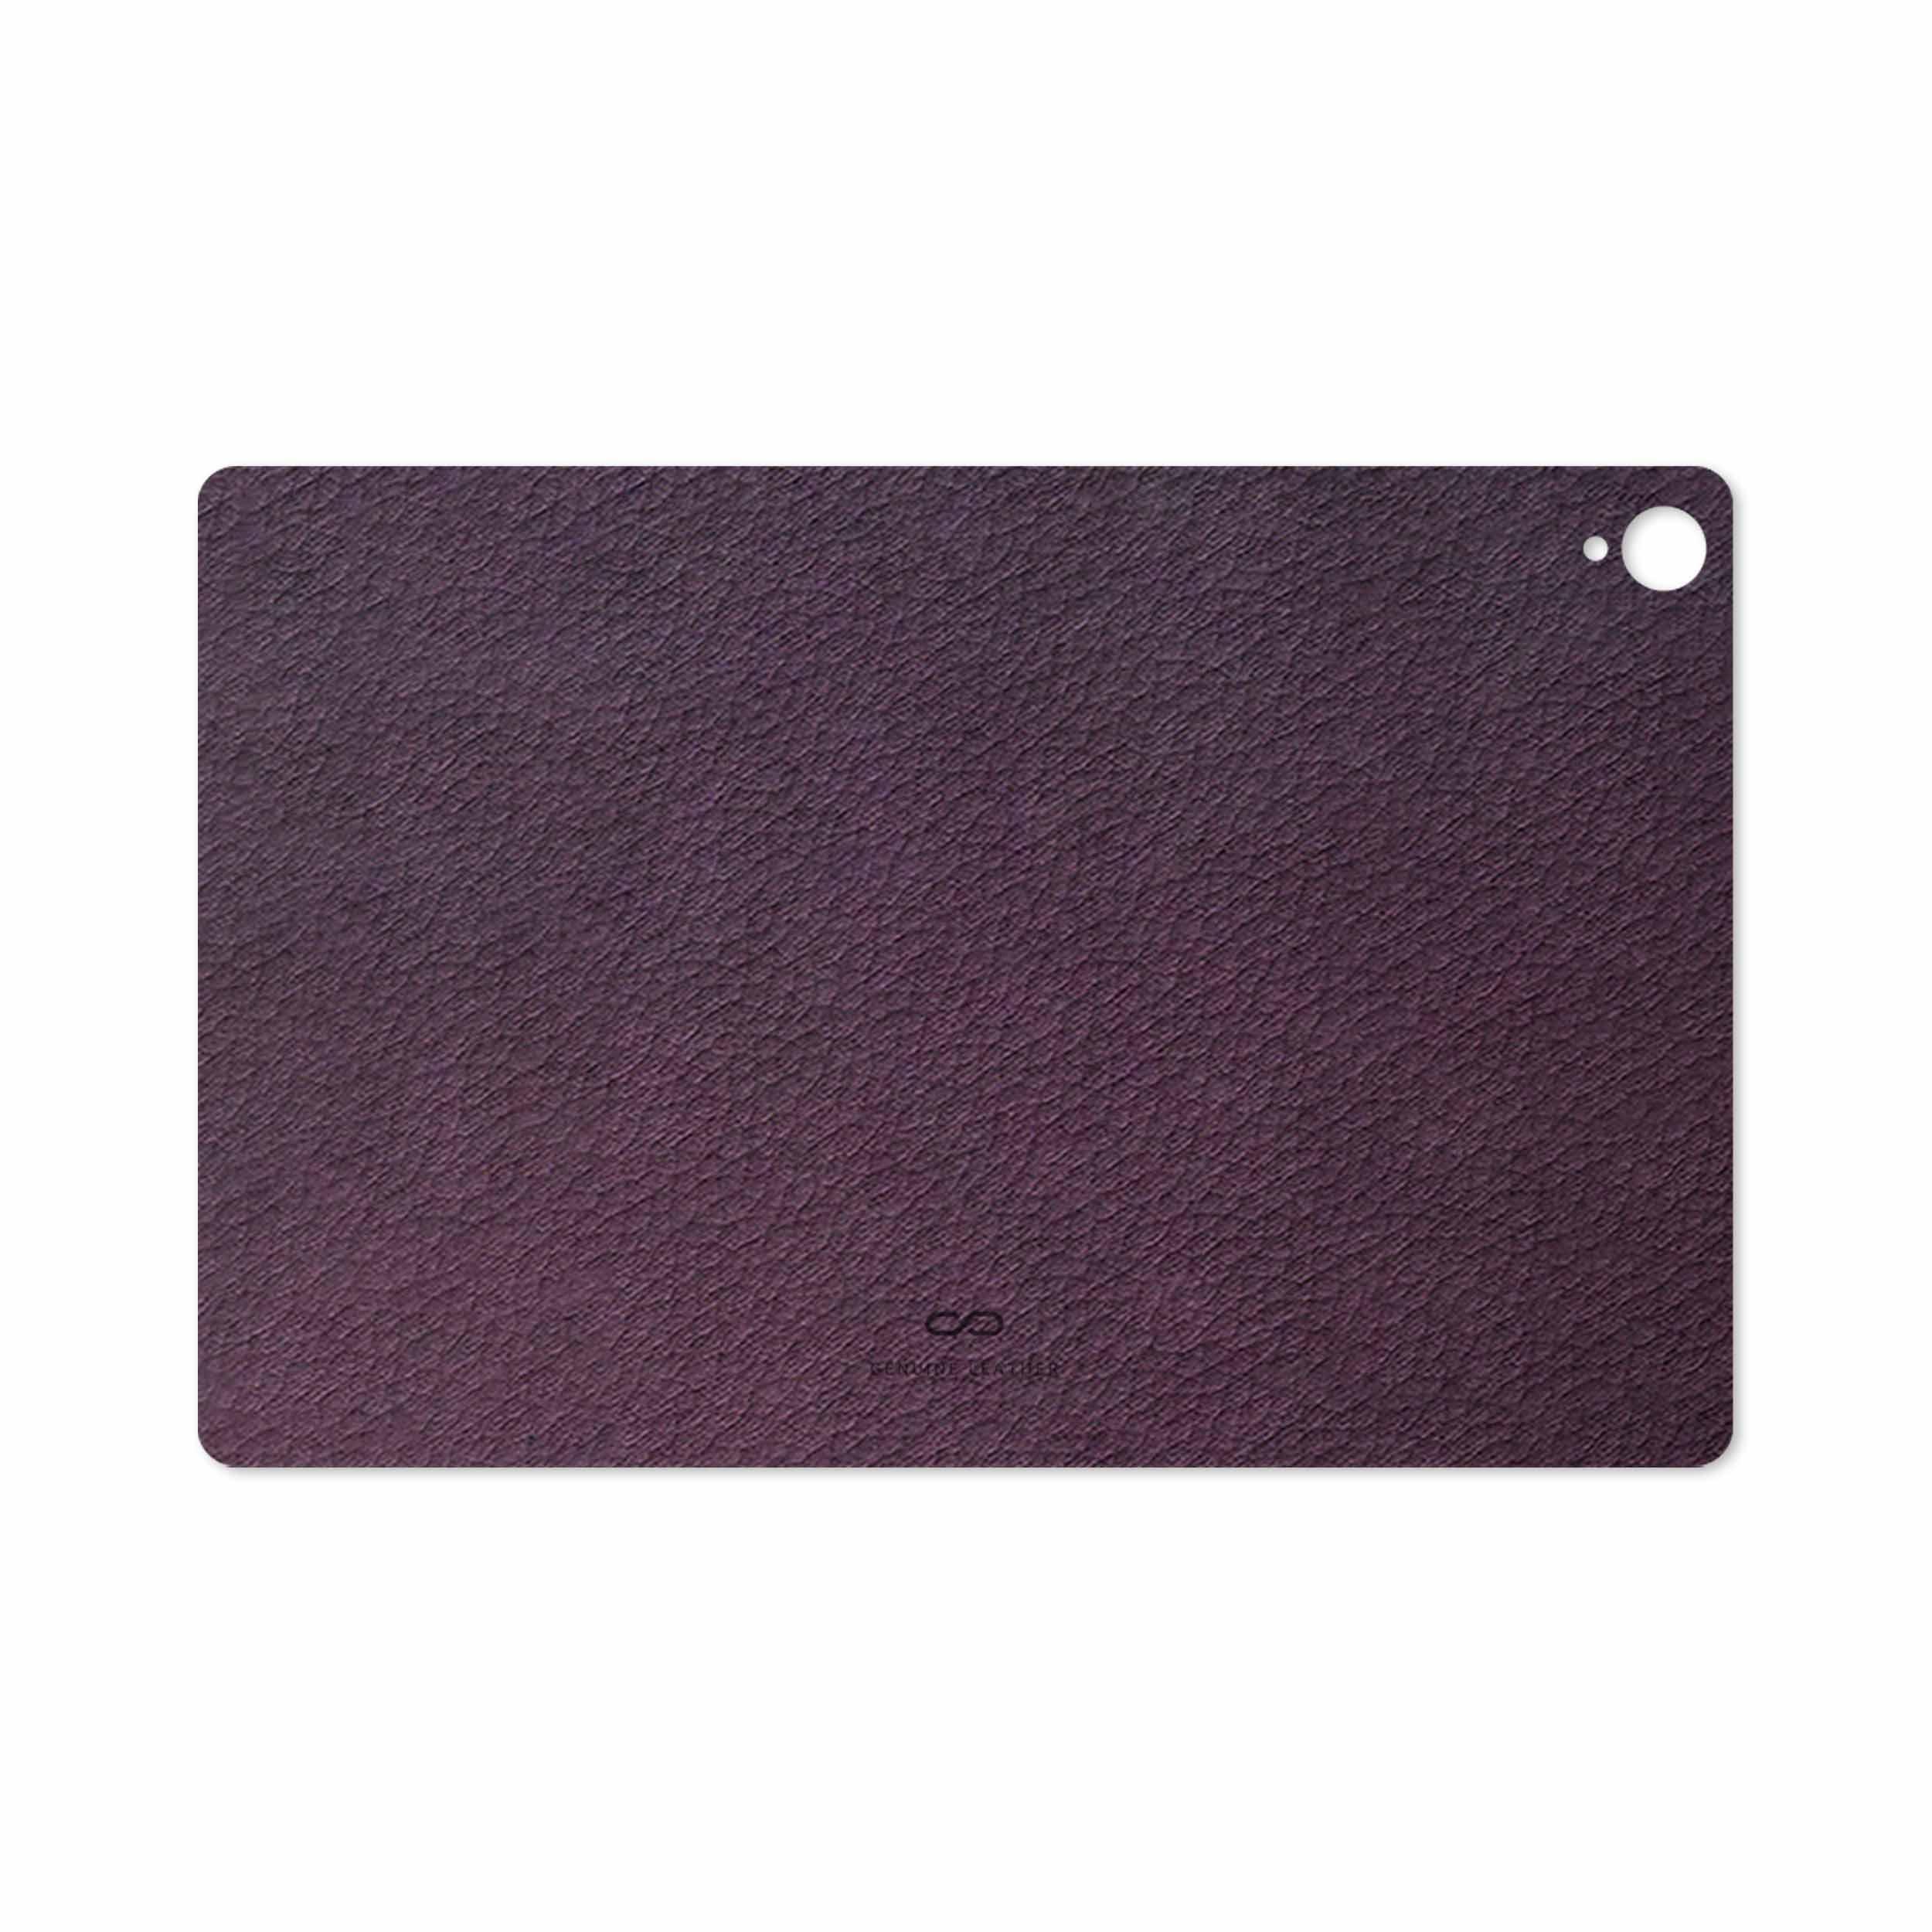 بررسی و خرید [با تخفیف]                                     برچسب پوششی ماهوت مدل Purple-Leather مناسب برای تبلت هوآوی Mediapad M6 10.8 2019                             اورجینال